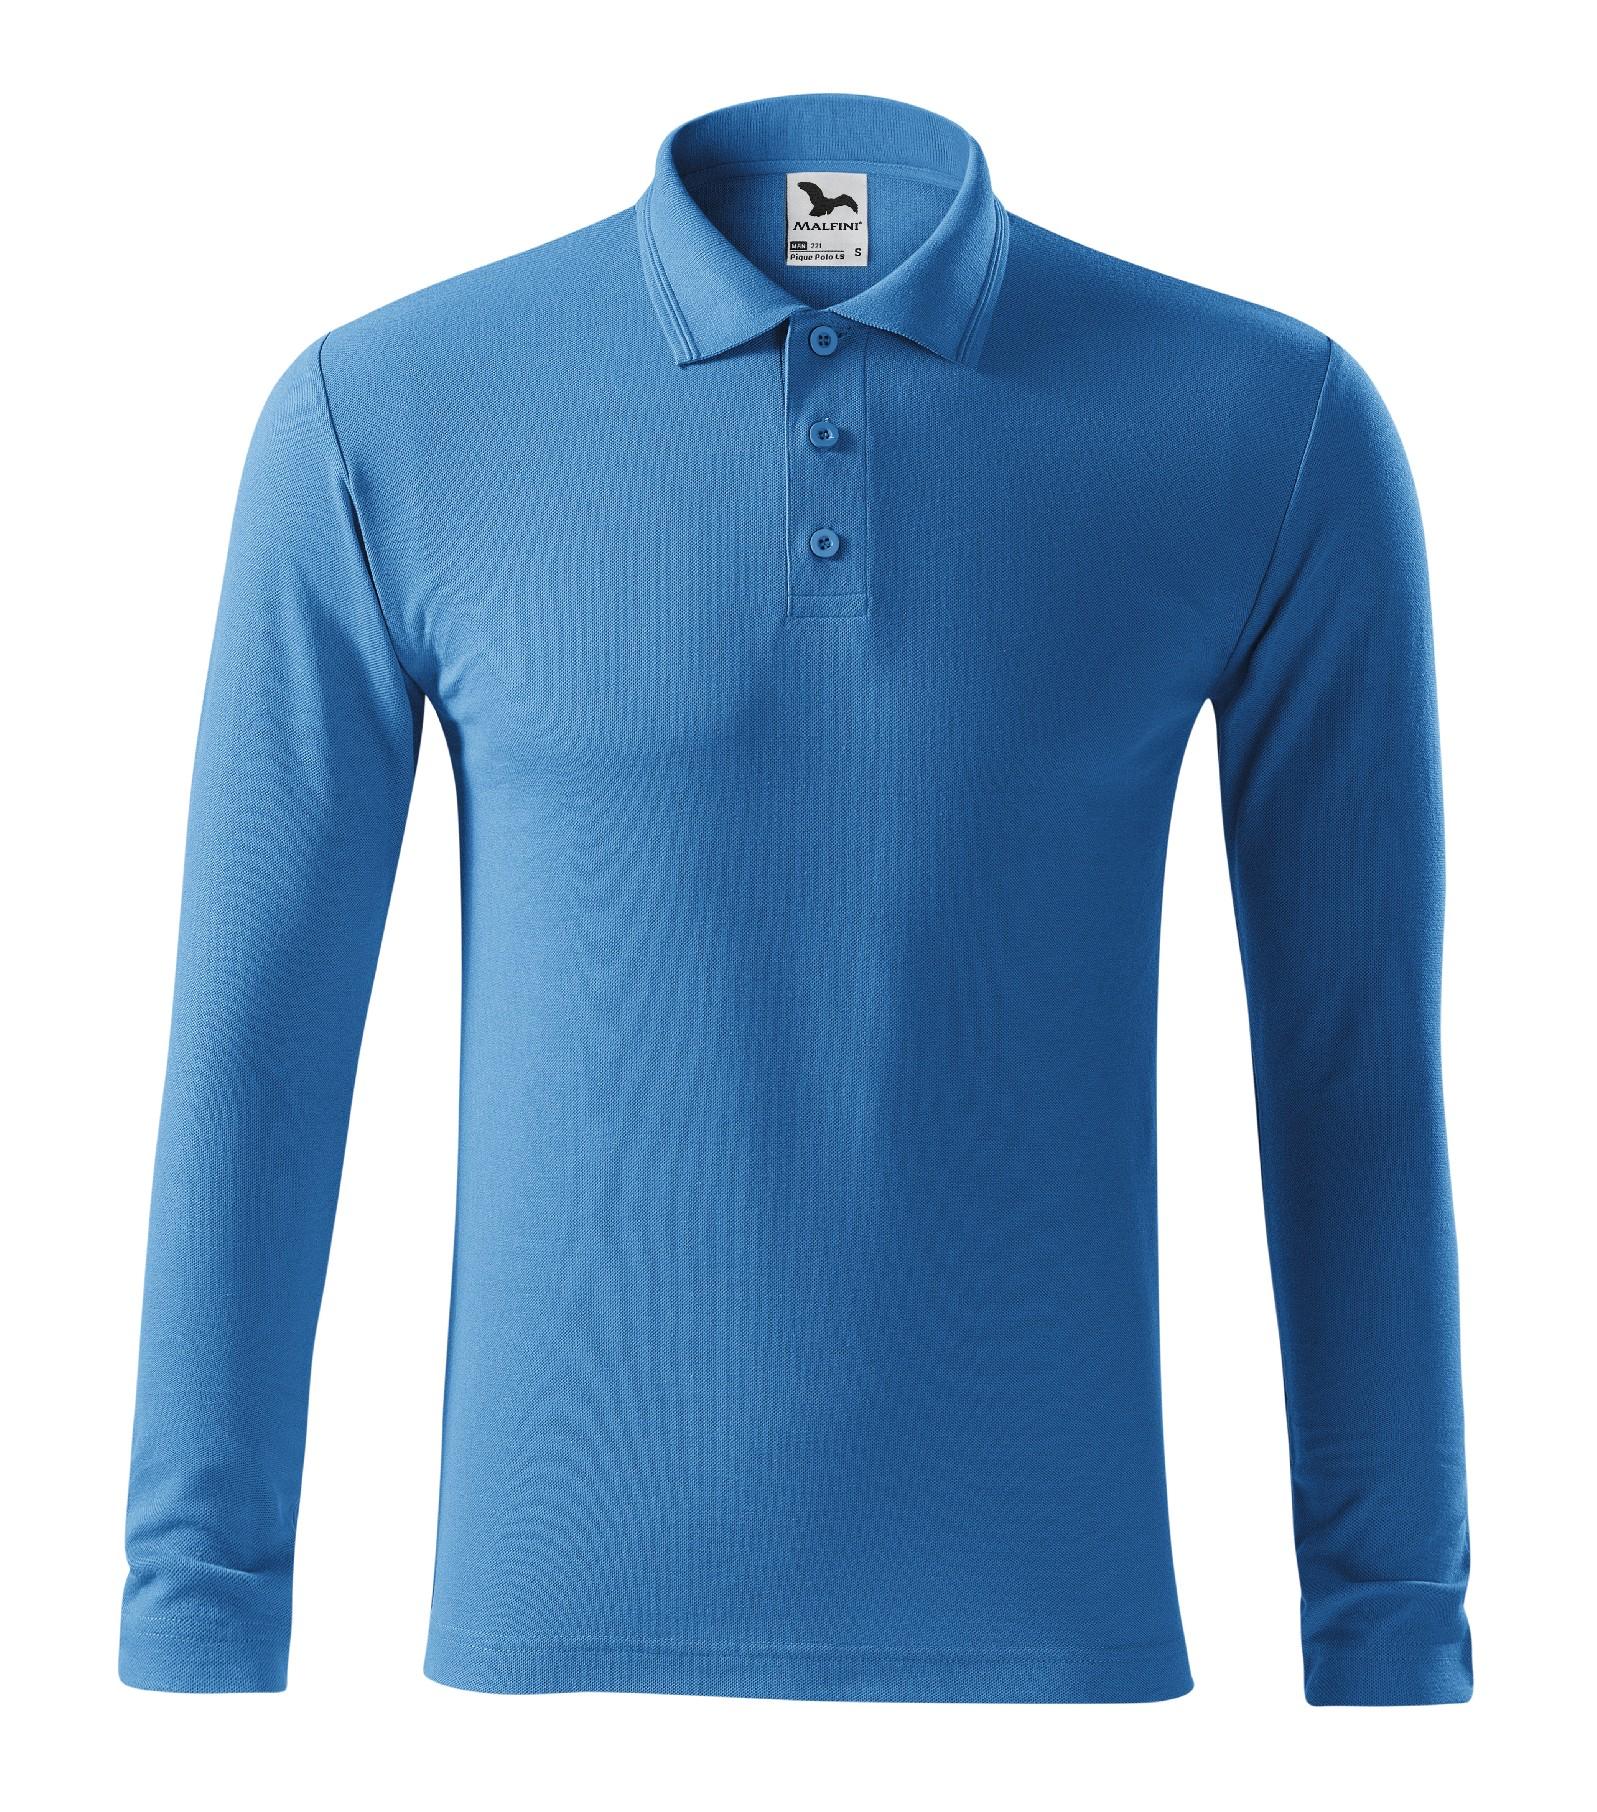 Polokošile pánská Pique Polo LS Barva: azurově modrá, Velikost: L